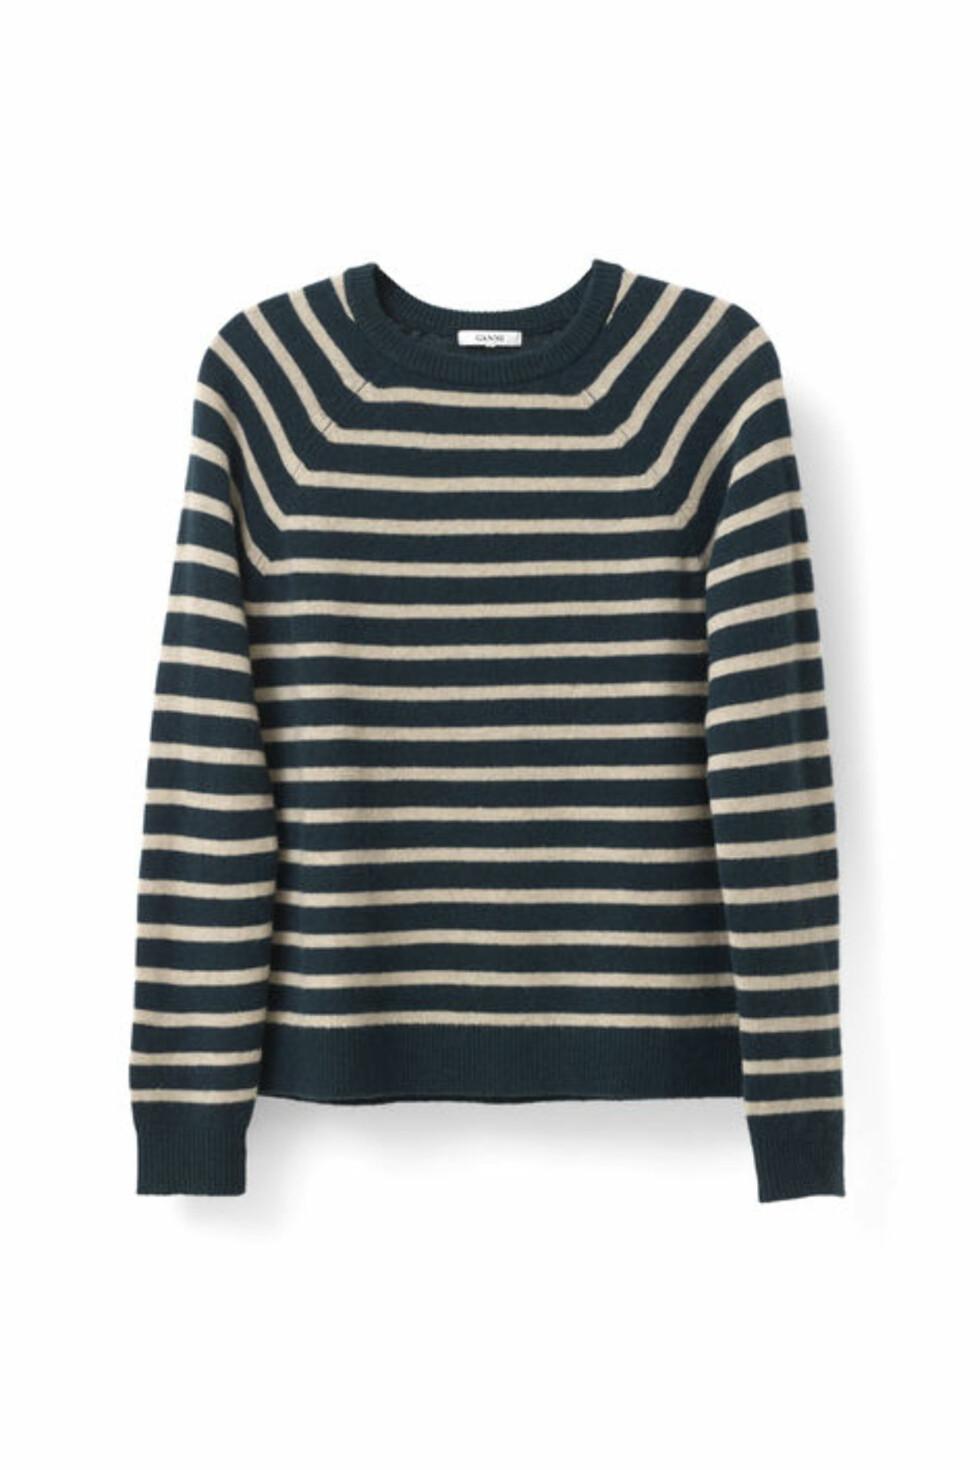 Genser fra Ganni | kr 1299 | http://www.ganni.com/shop/shirts-and-blouses/mercer-pullover/K0931.html?dwvar_K0931_color=Cuban%20Melange%2FBlack